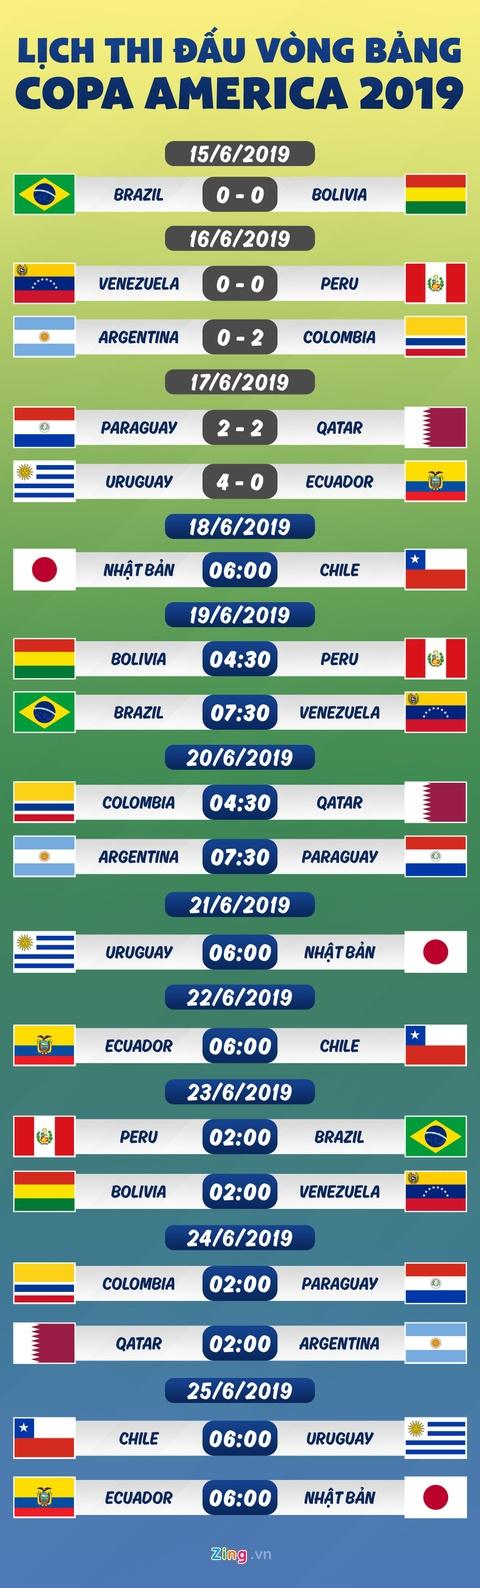 Lịch thi đấu Copa America: Uruguay 'đè bẹp' Ecuador